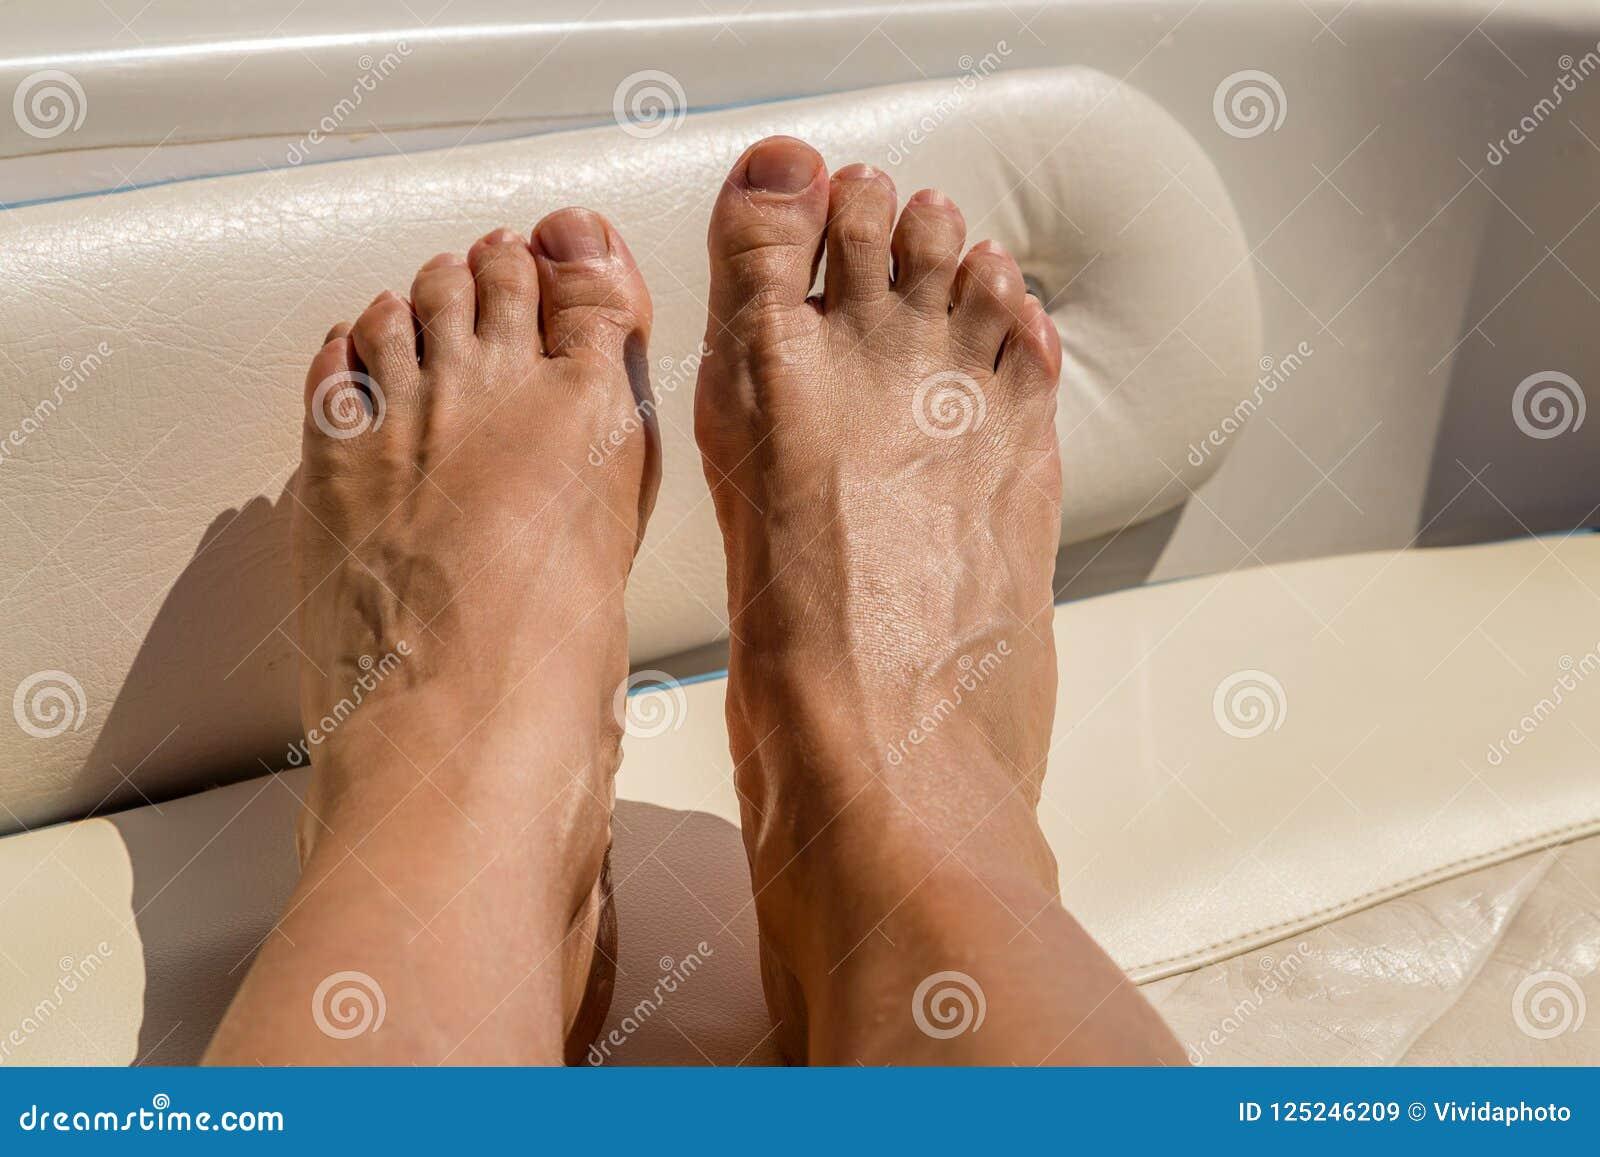 Mature Women Feet